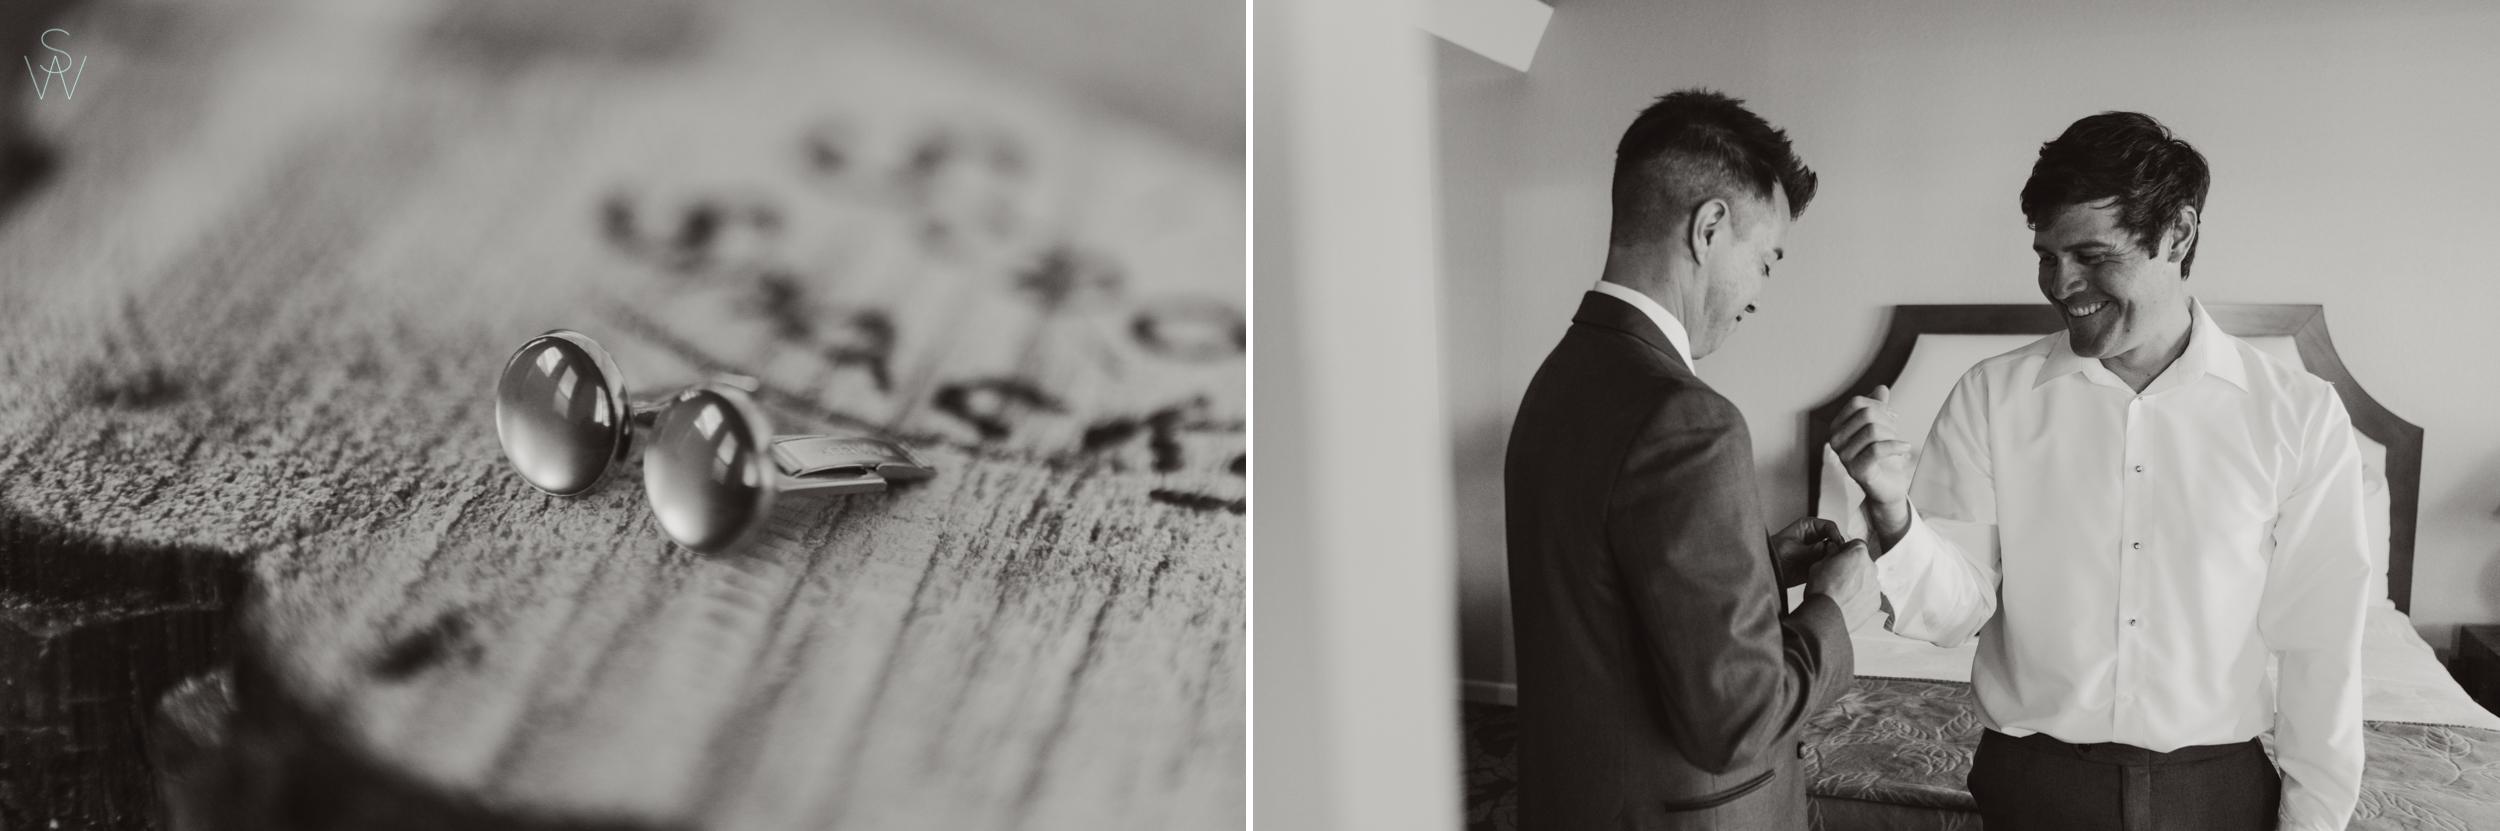 114San.diego.wedding.shewanders.photography.JPG